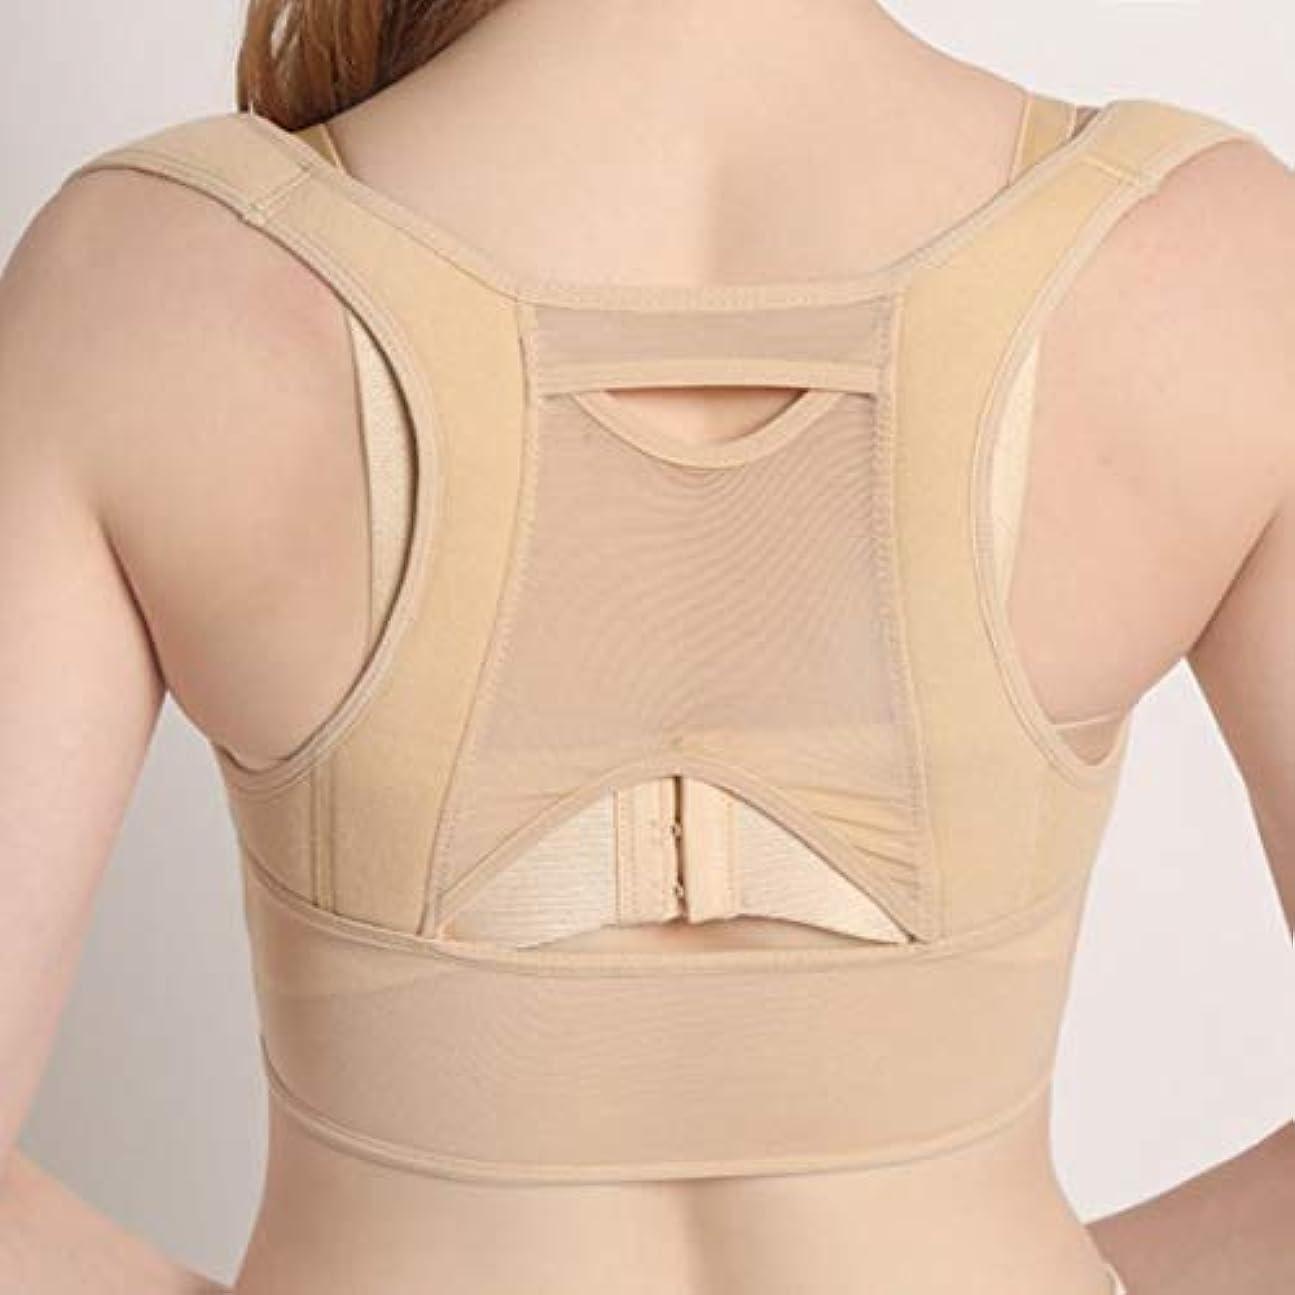 ふざけた見かけ上ラフト通気性のある女性の背中の姿勢矯正コルセット整形外科の肩の背骨の姿勢矯正腰椎サポート - ベージュホワイトM